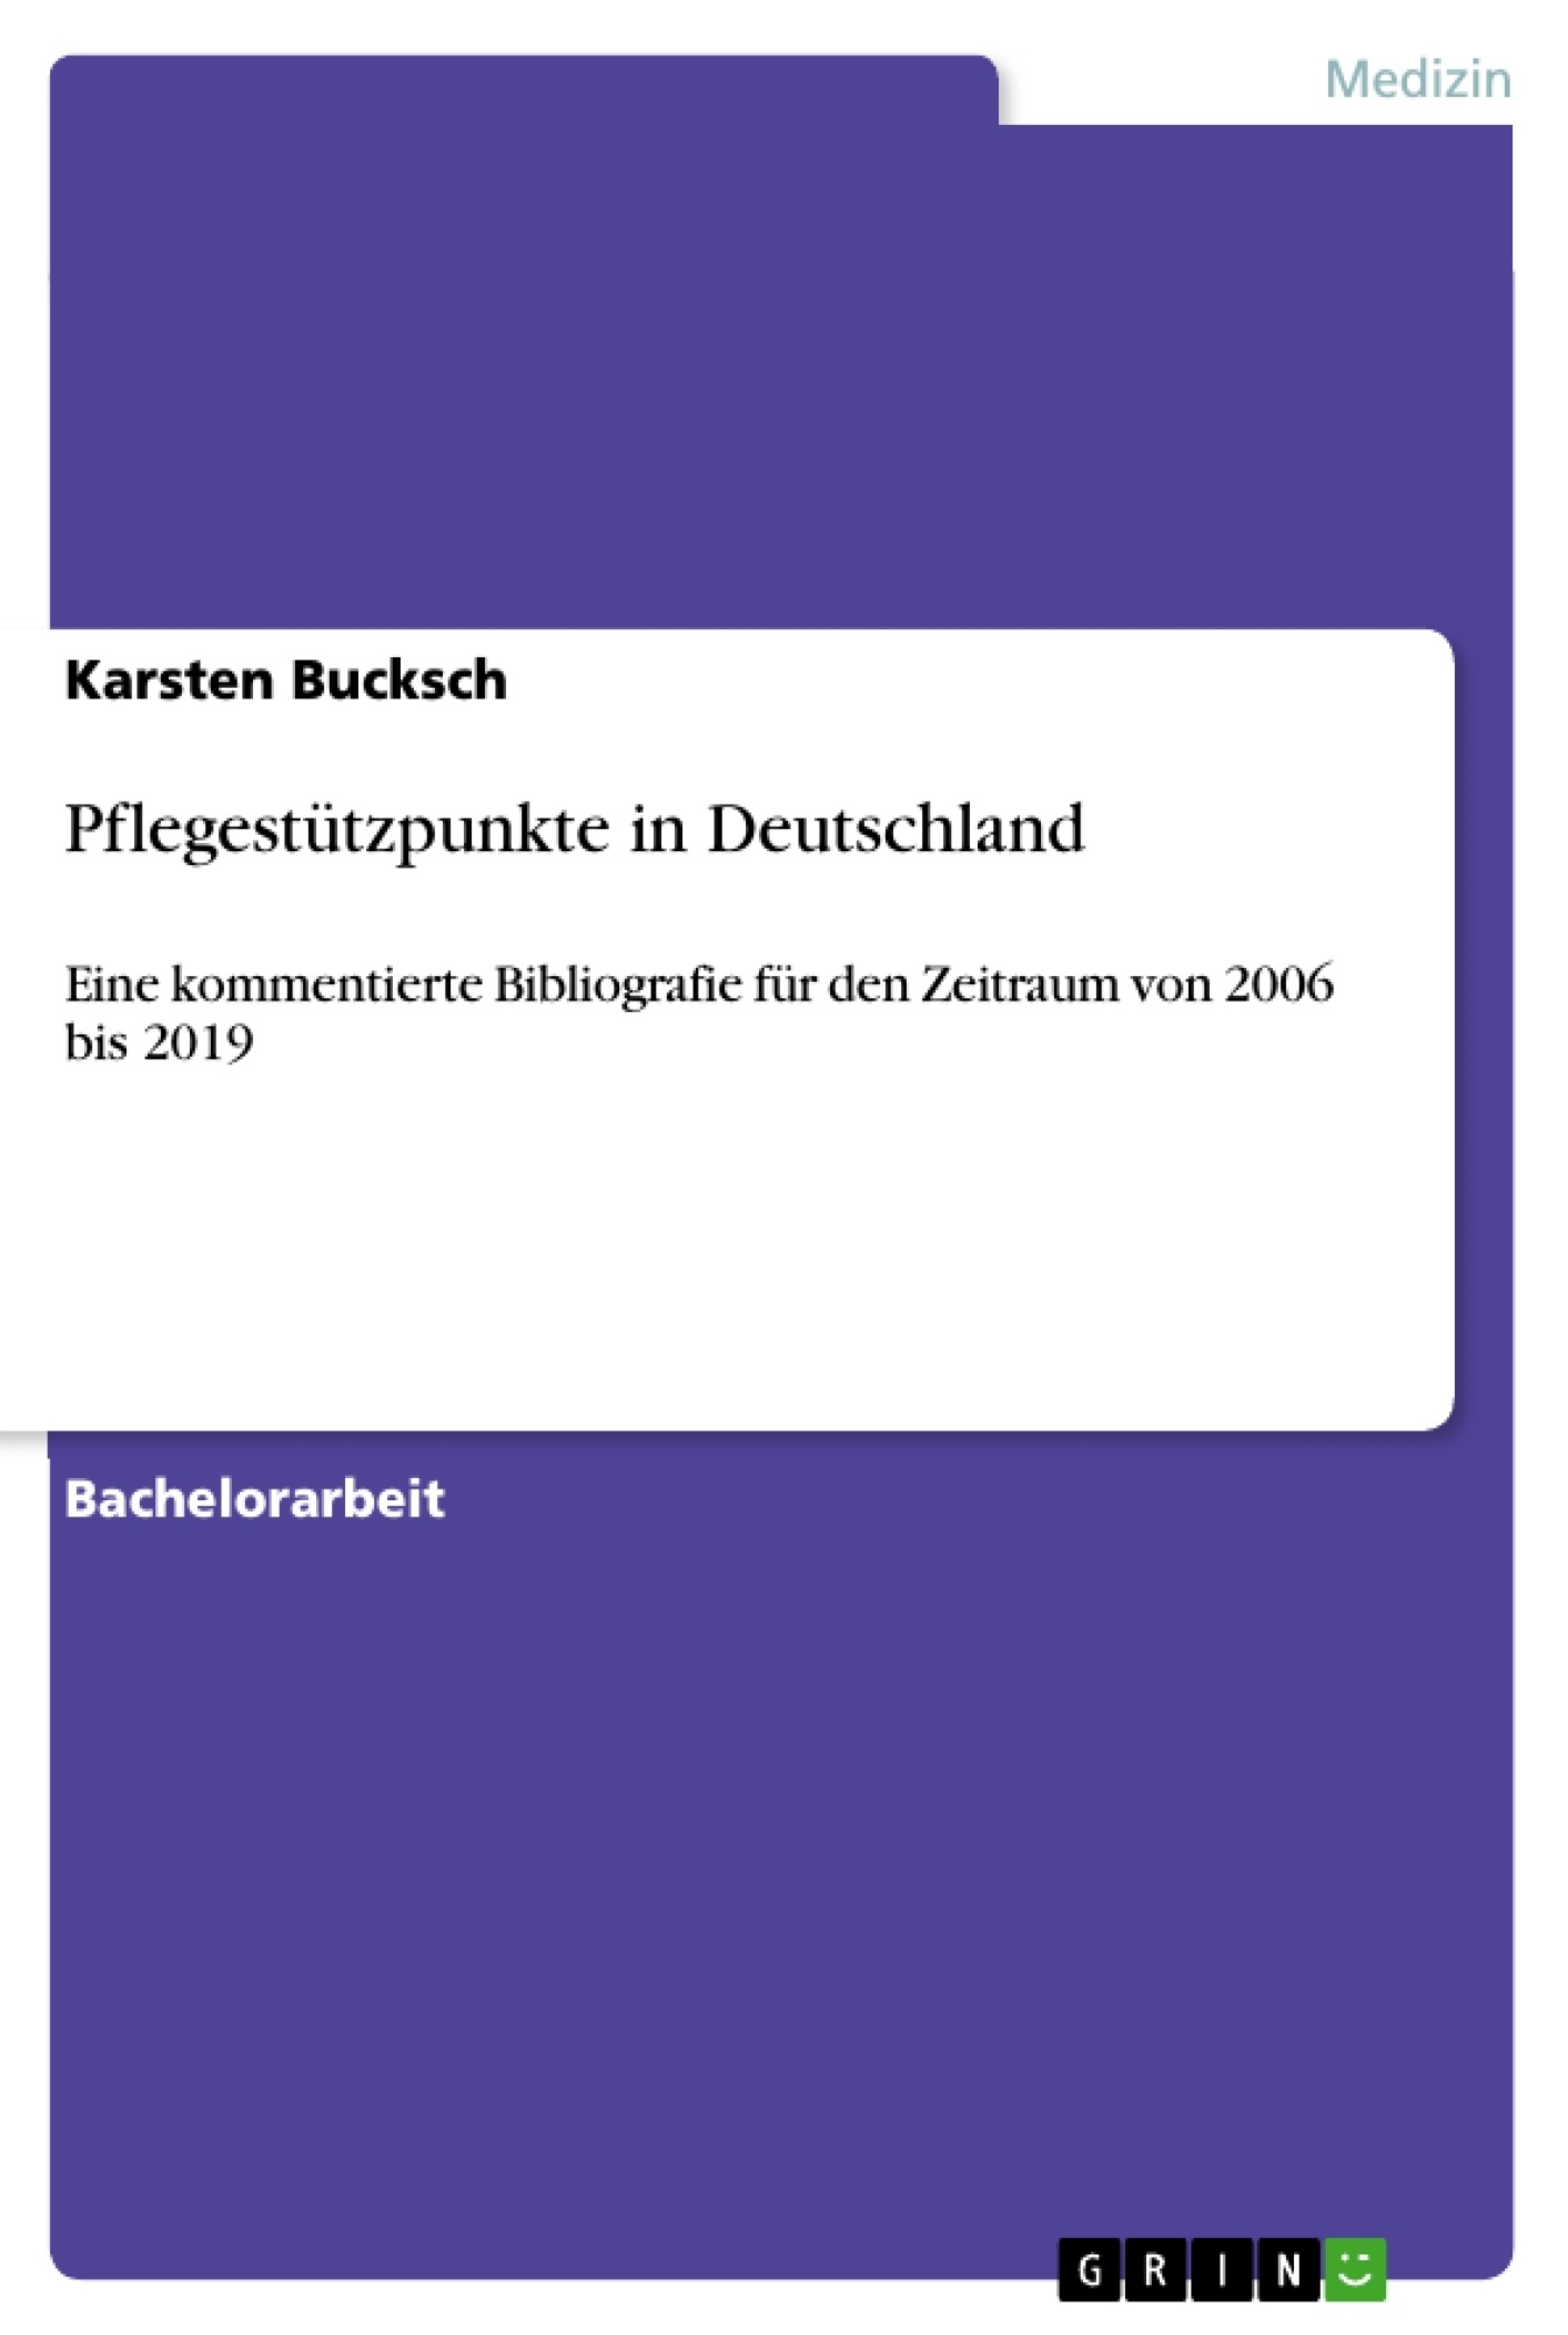 Titel: Pflegestützpunkte in Deutschland